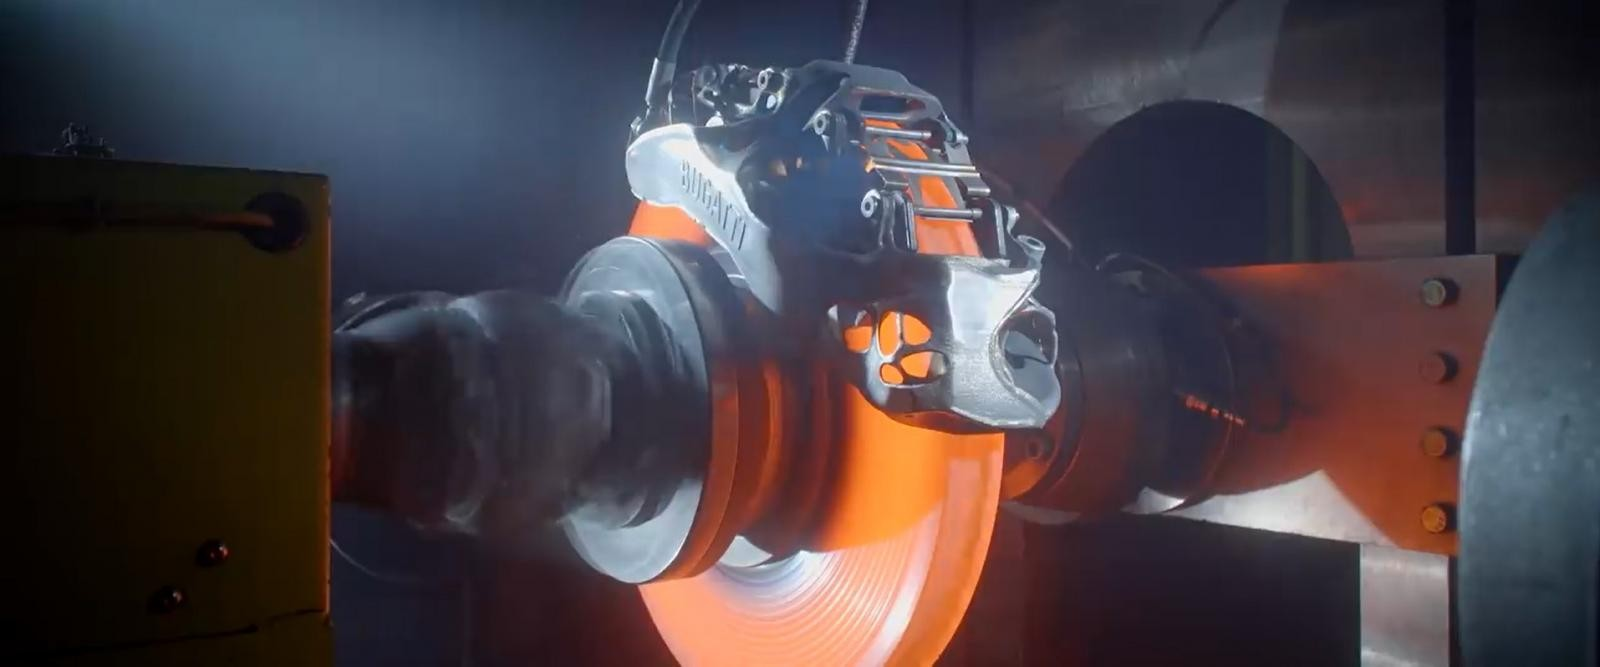 Cùm phanh in 3D bị nung nóng của siêu xe Bugatti Chiron